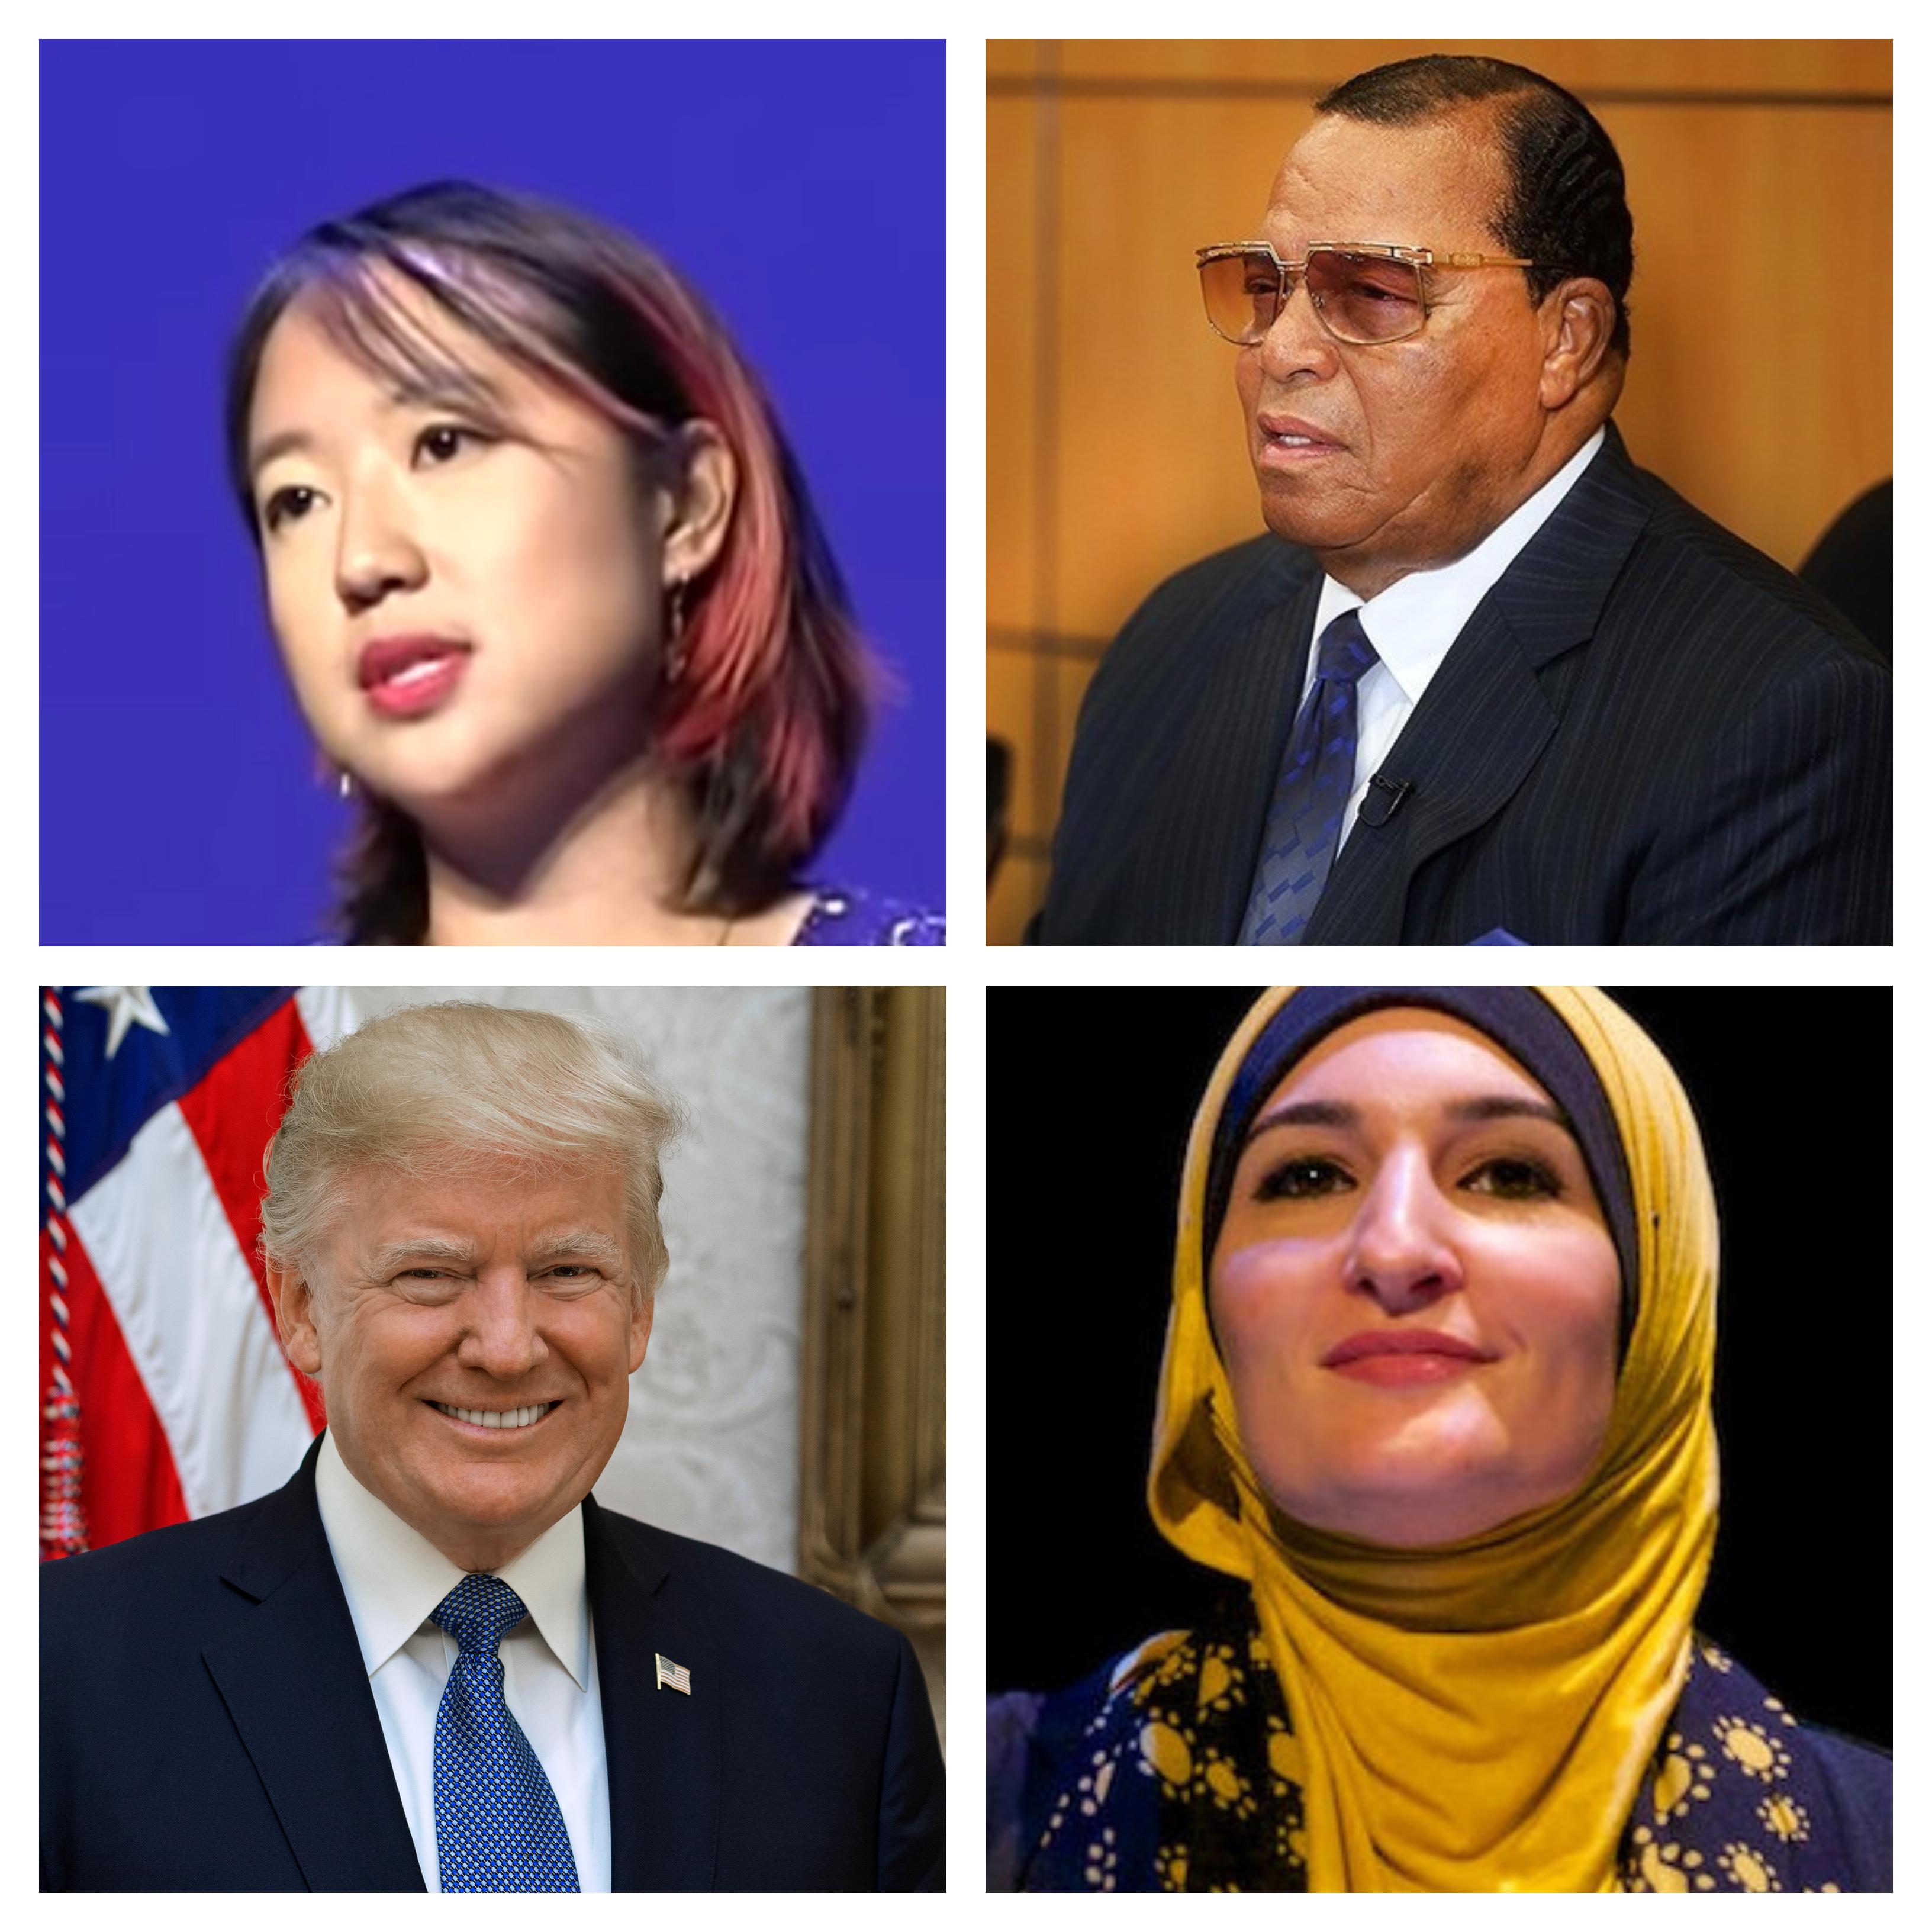 Sarah Jeong, Louis Farrakhan, Donald Trump, Linda Sarsour